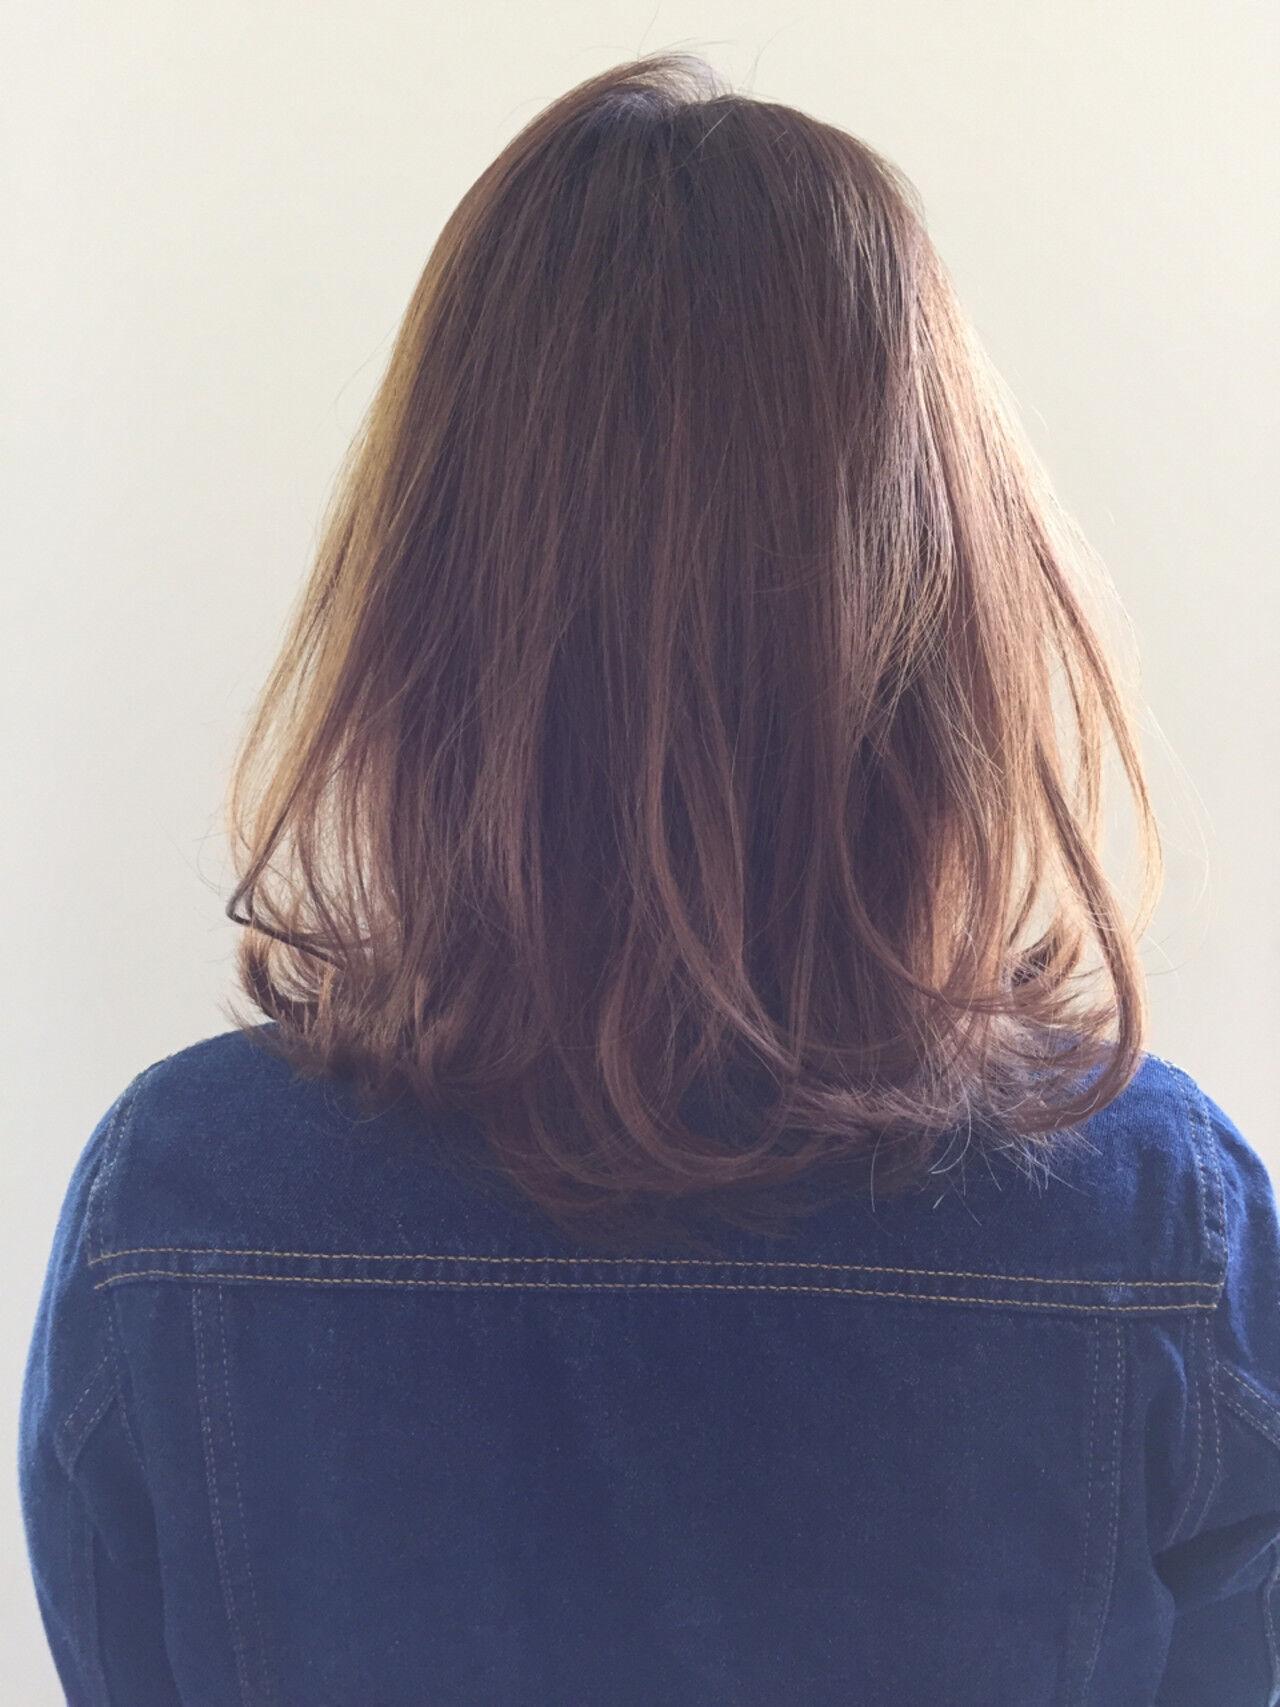 ナチュラル 透明感 外ハネ ミントヘアスタイルや髪型の写真・画像